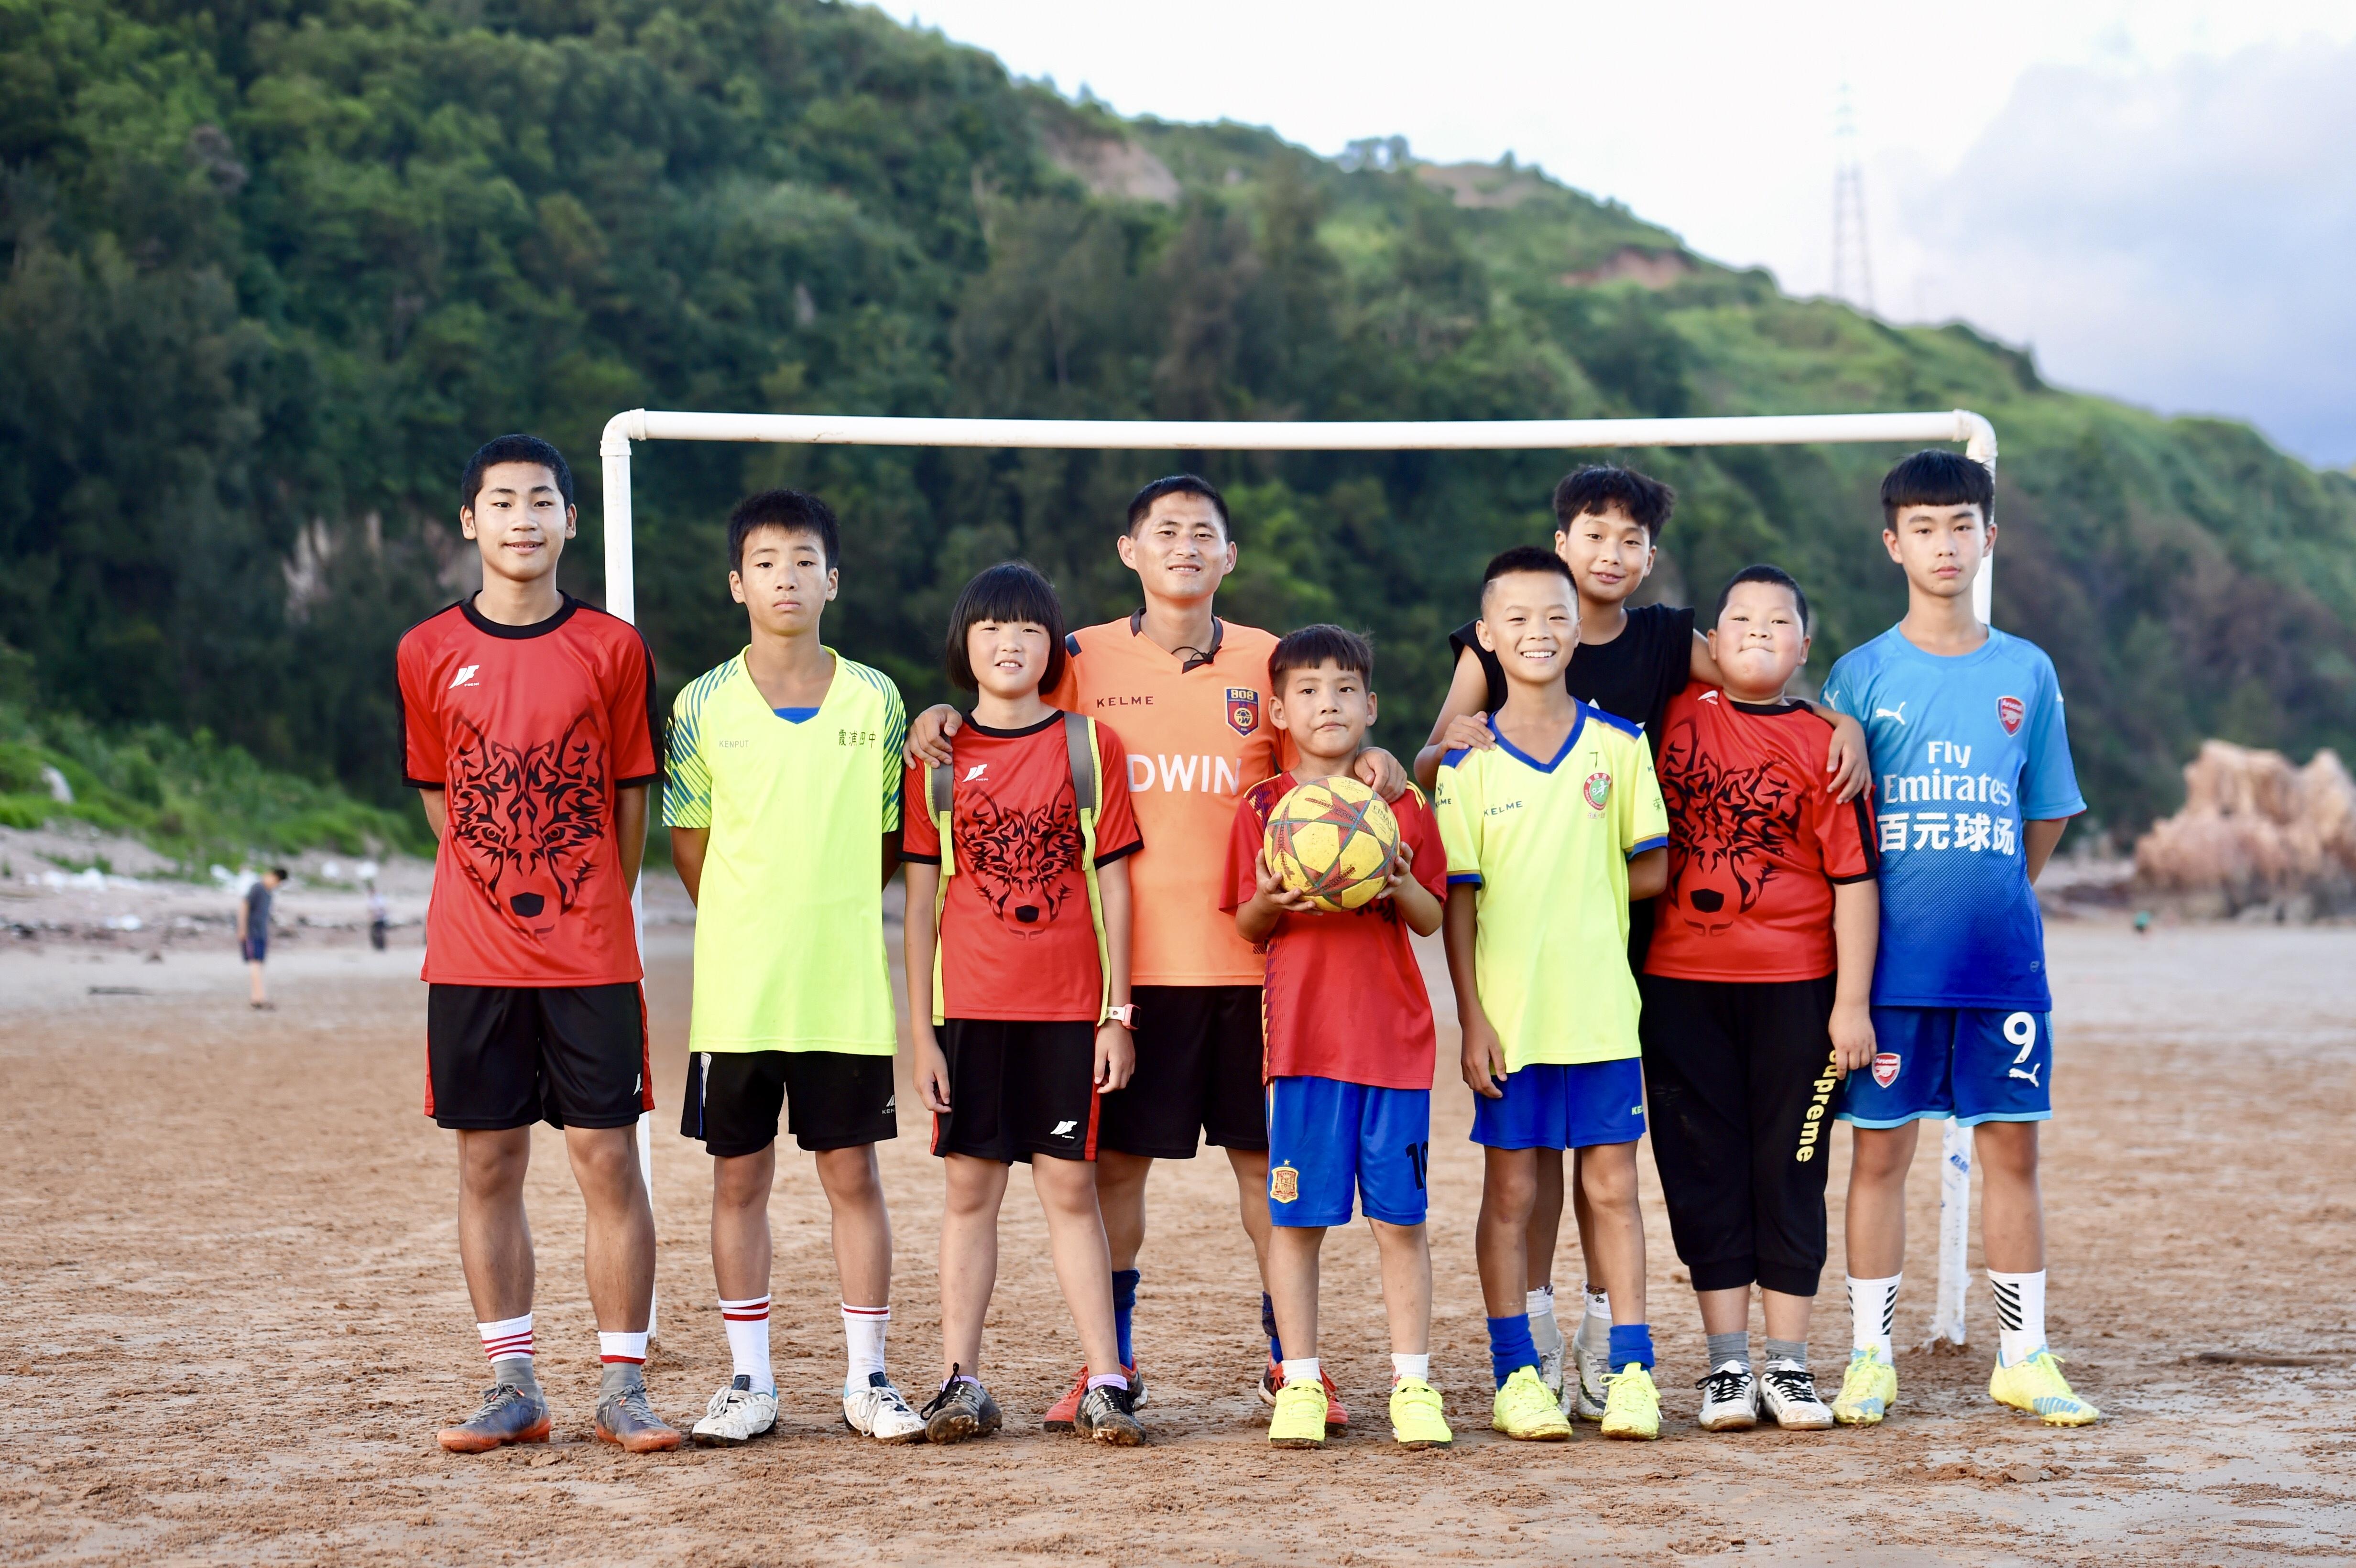 """阳光,海浪,足球,孩子们的笑声。     在福建霞浦,有一个""""百元球场"""",一位""""另类""""教练。     他的背后,是一群面朝大海、迎风踢球的孩子。     他们的背后,足球与海的故事已延续上百年。     图为7月17日,福建省霞浦县下浒镇外浒沙滩上,""""长风""""足球队教练陈龙强(左四)与小球员们在水管搭建的简易球门前合影。     新华社记者 姜克红 摄"""